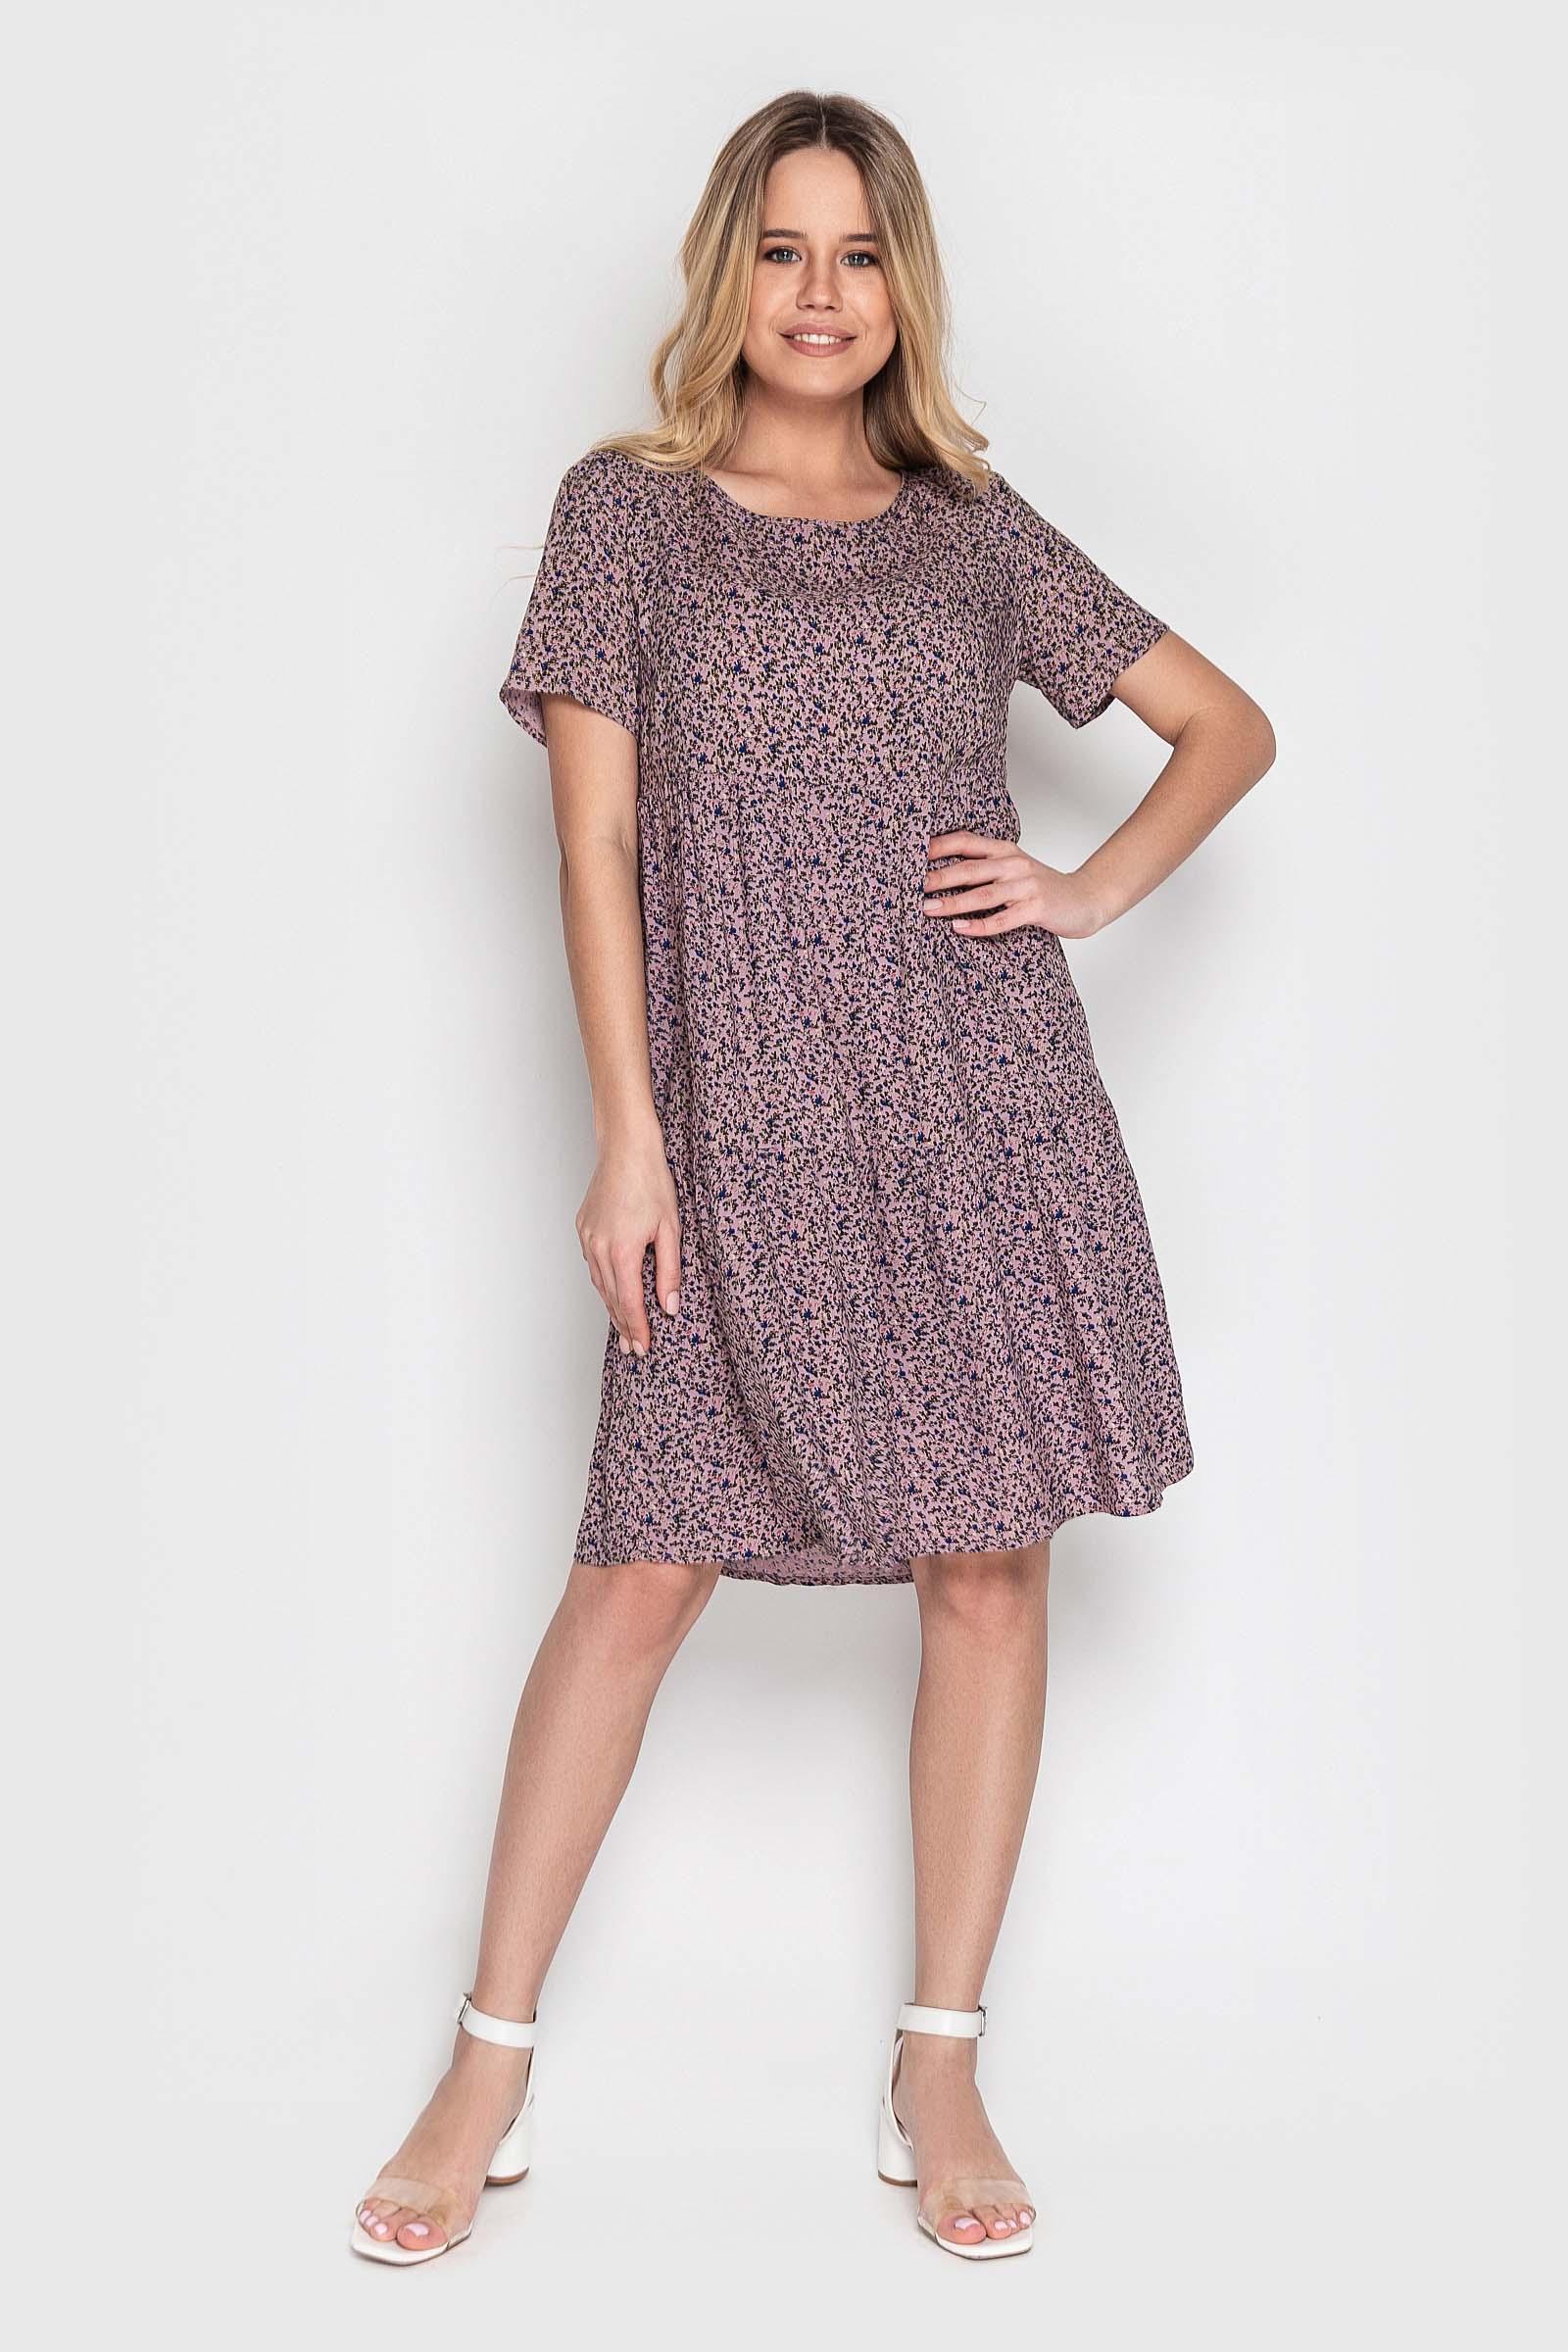 2021 04 10 poltava30934 Купить платье